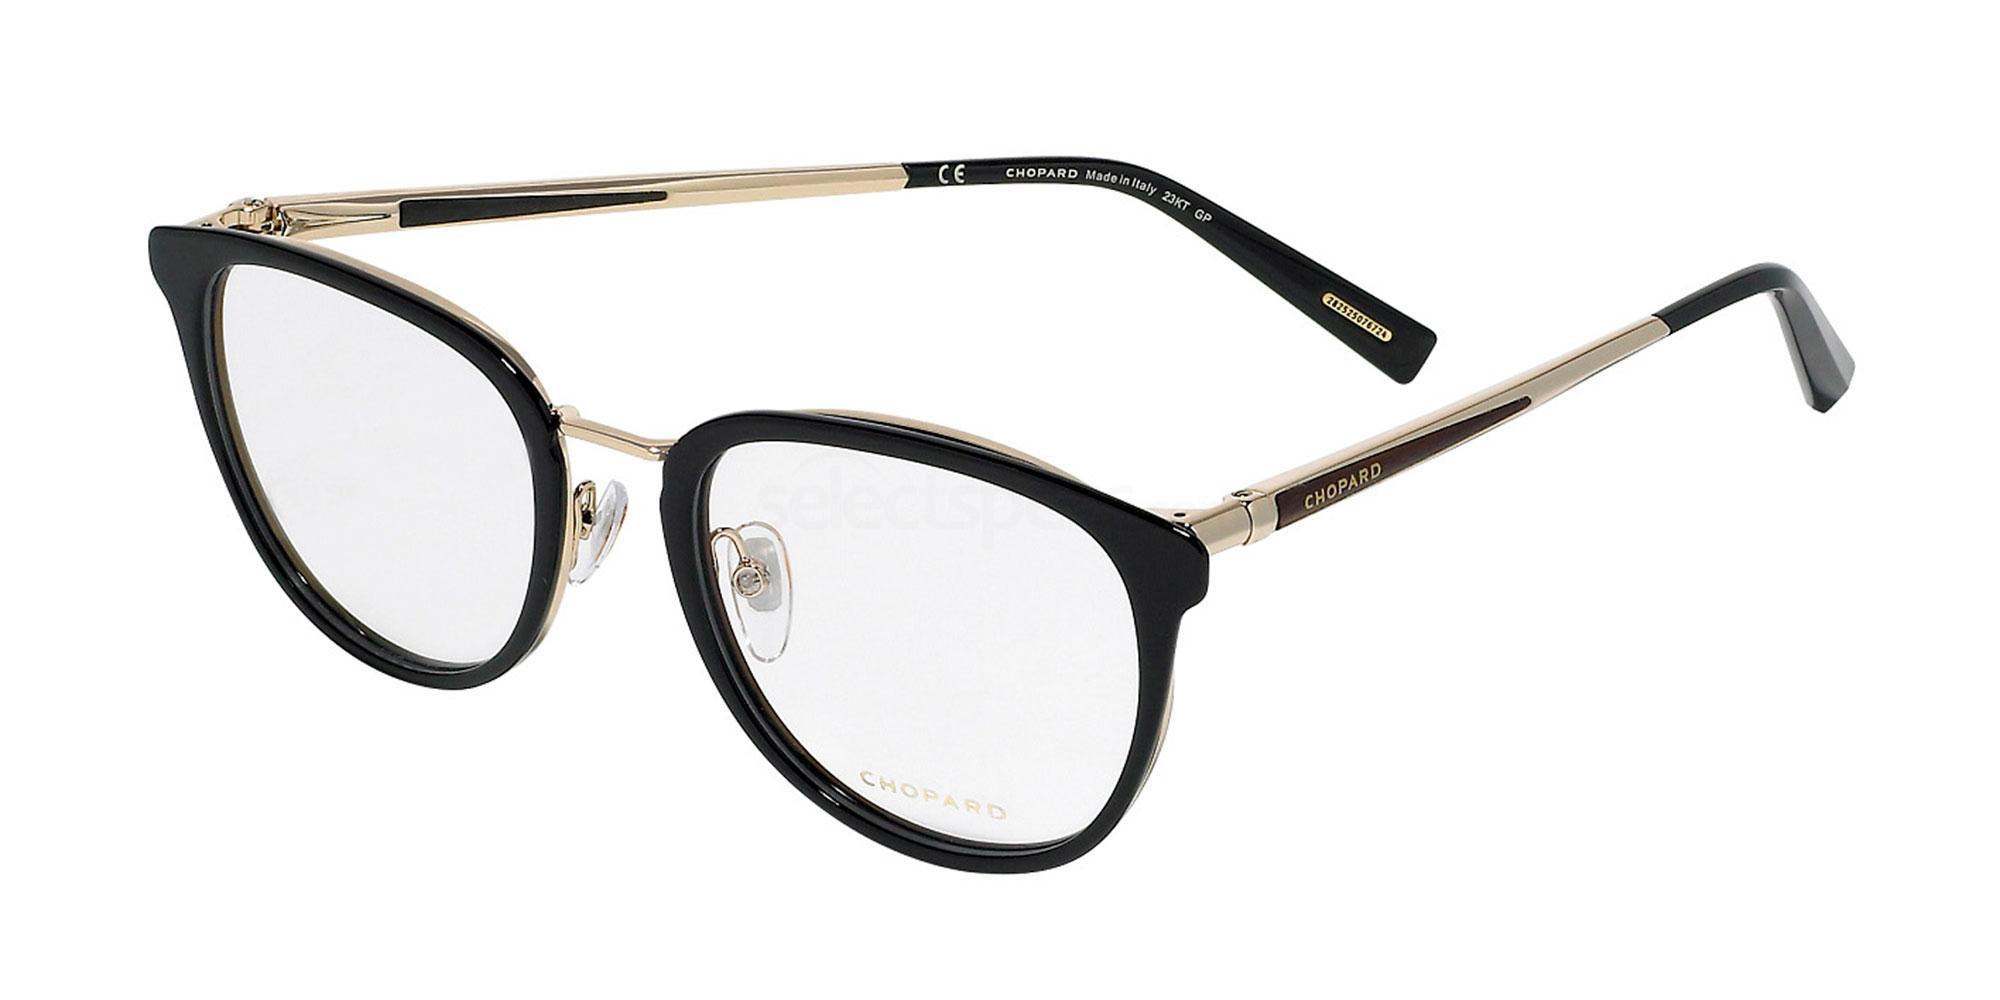 0700 VCHD19 Glasses, Chopard